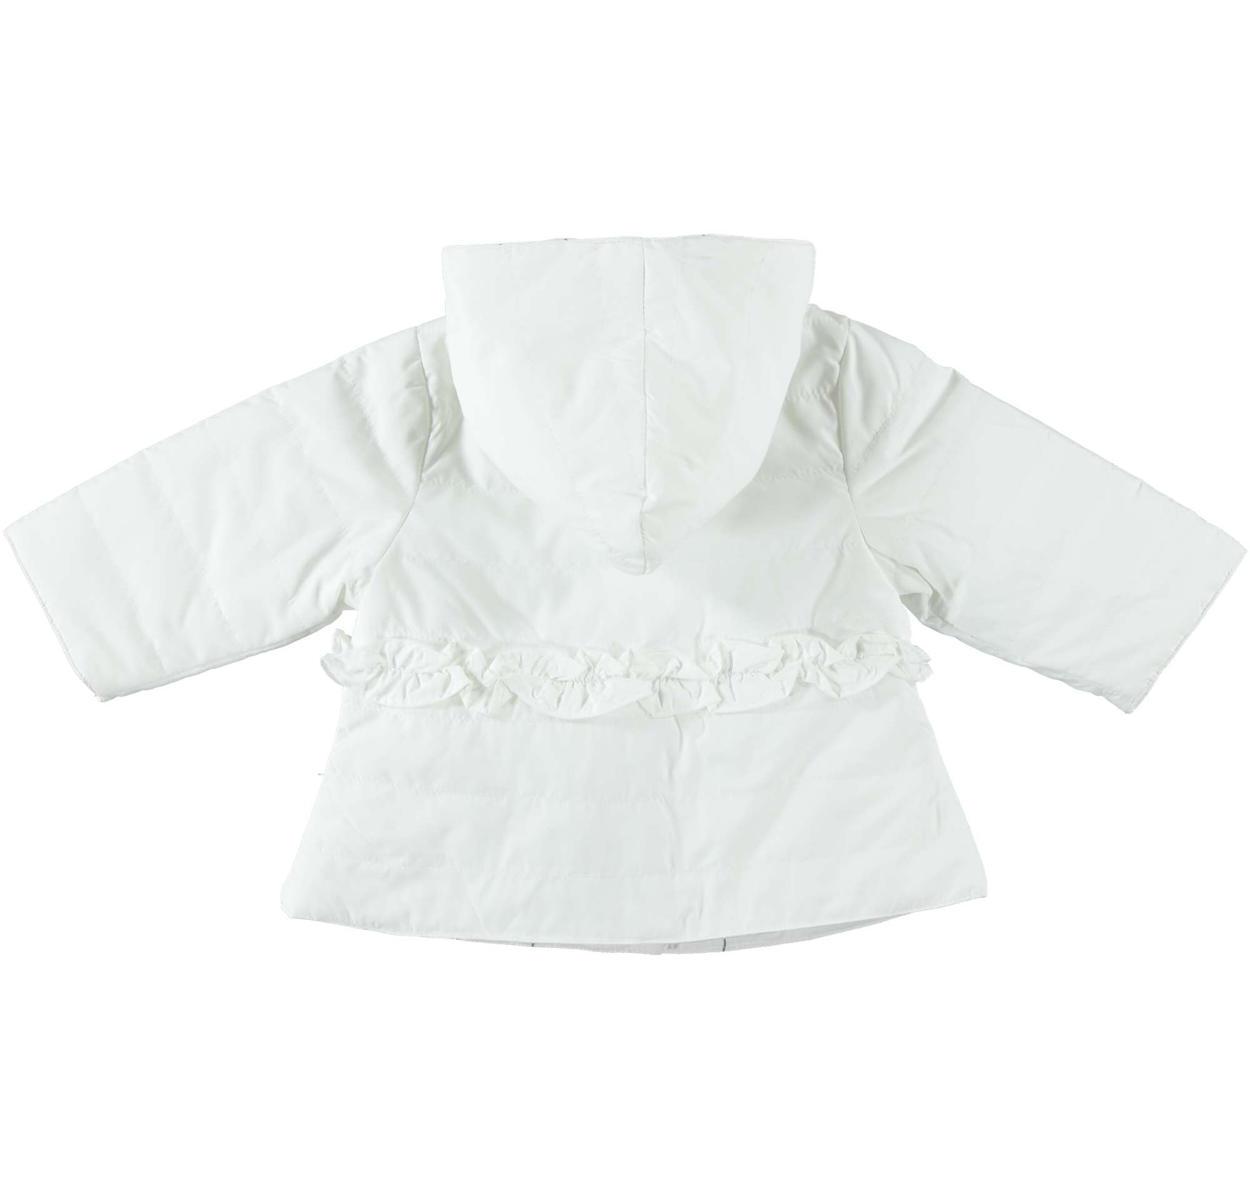 Giubbotto con cappuccio modello reversibile per neonata da 0 a 24 mesi  Minibanda PANNA-0112 b54002f506b